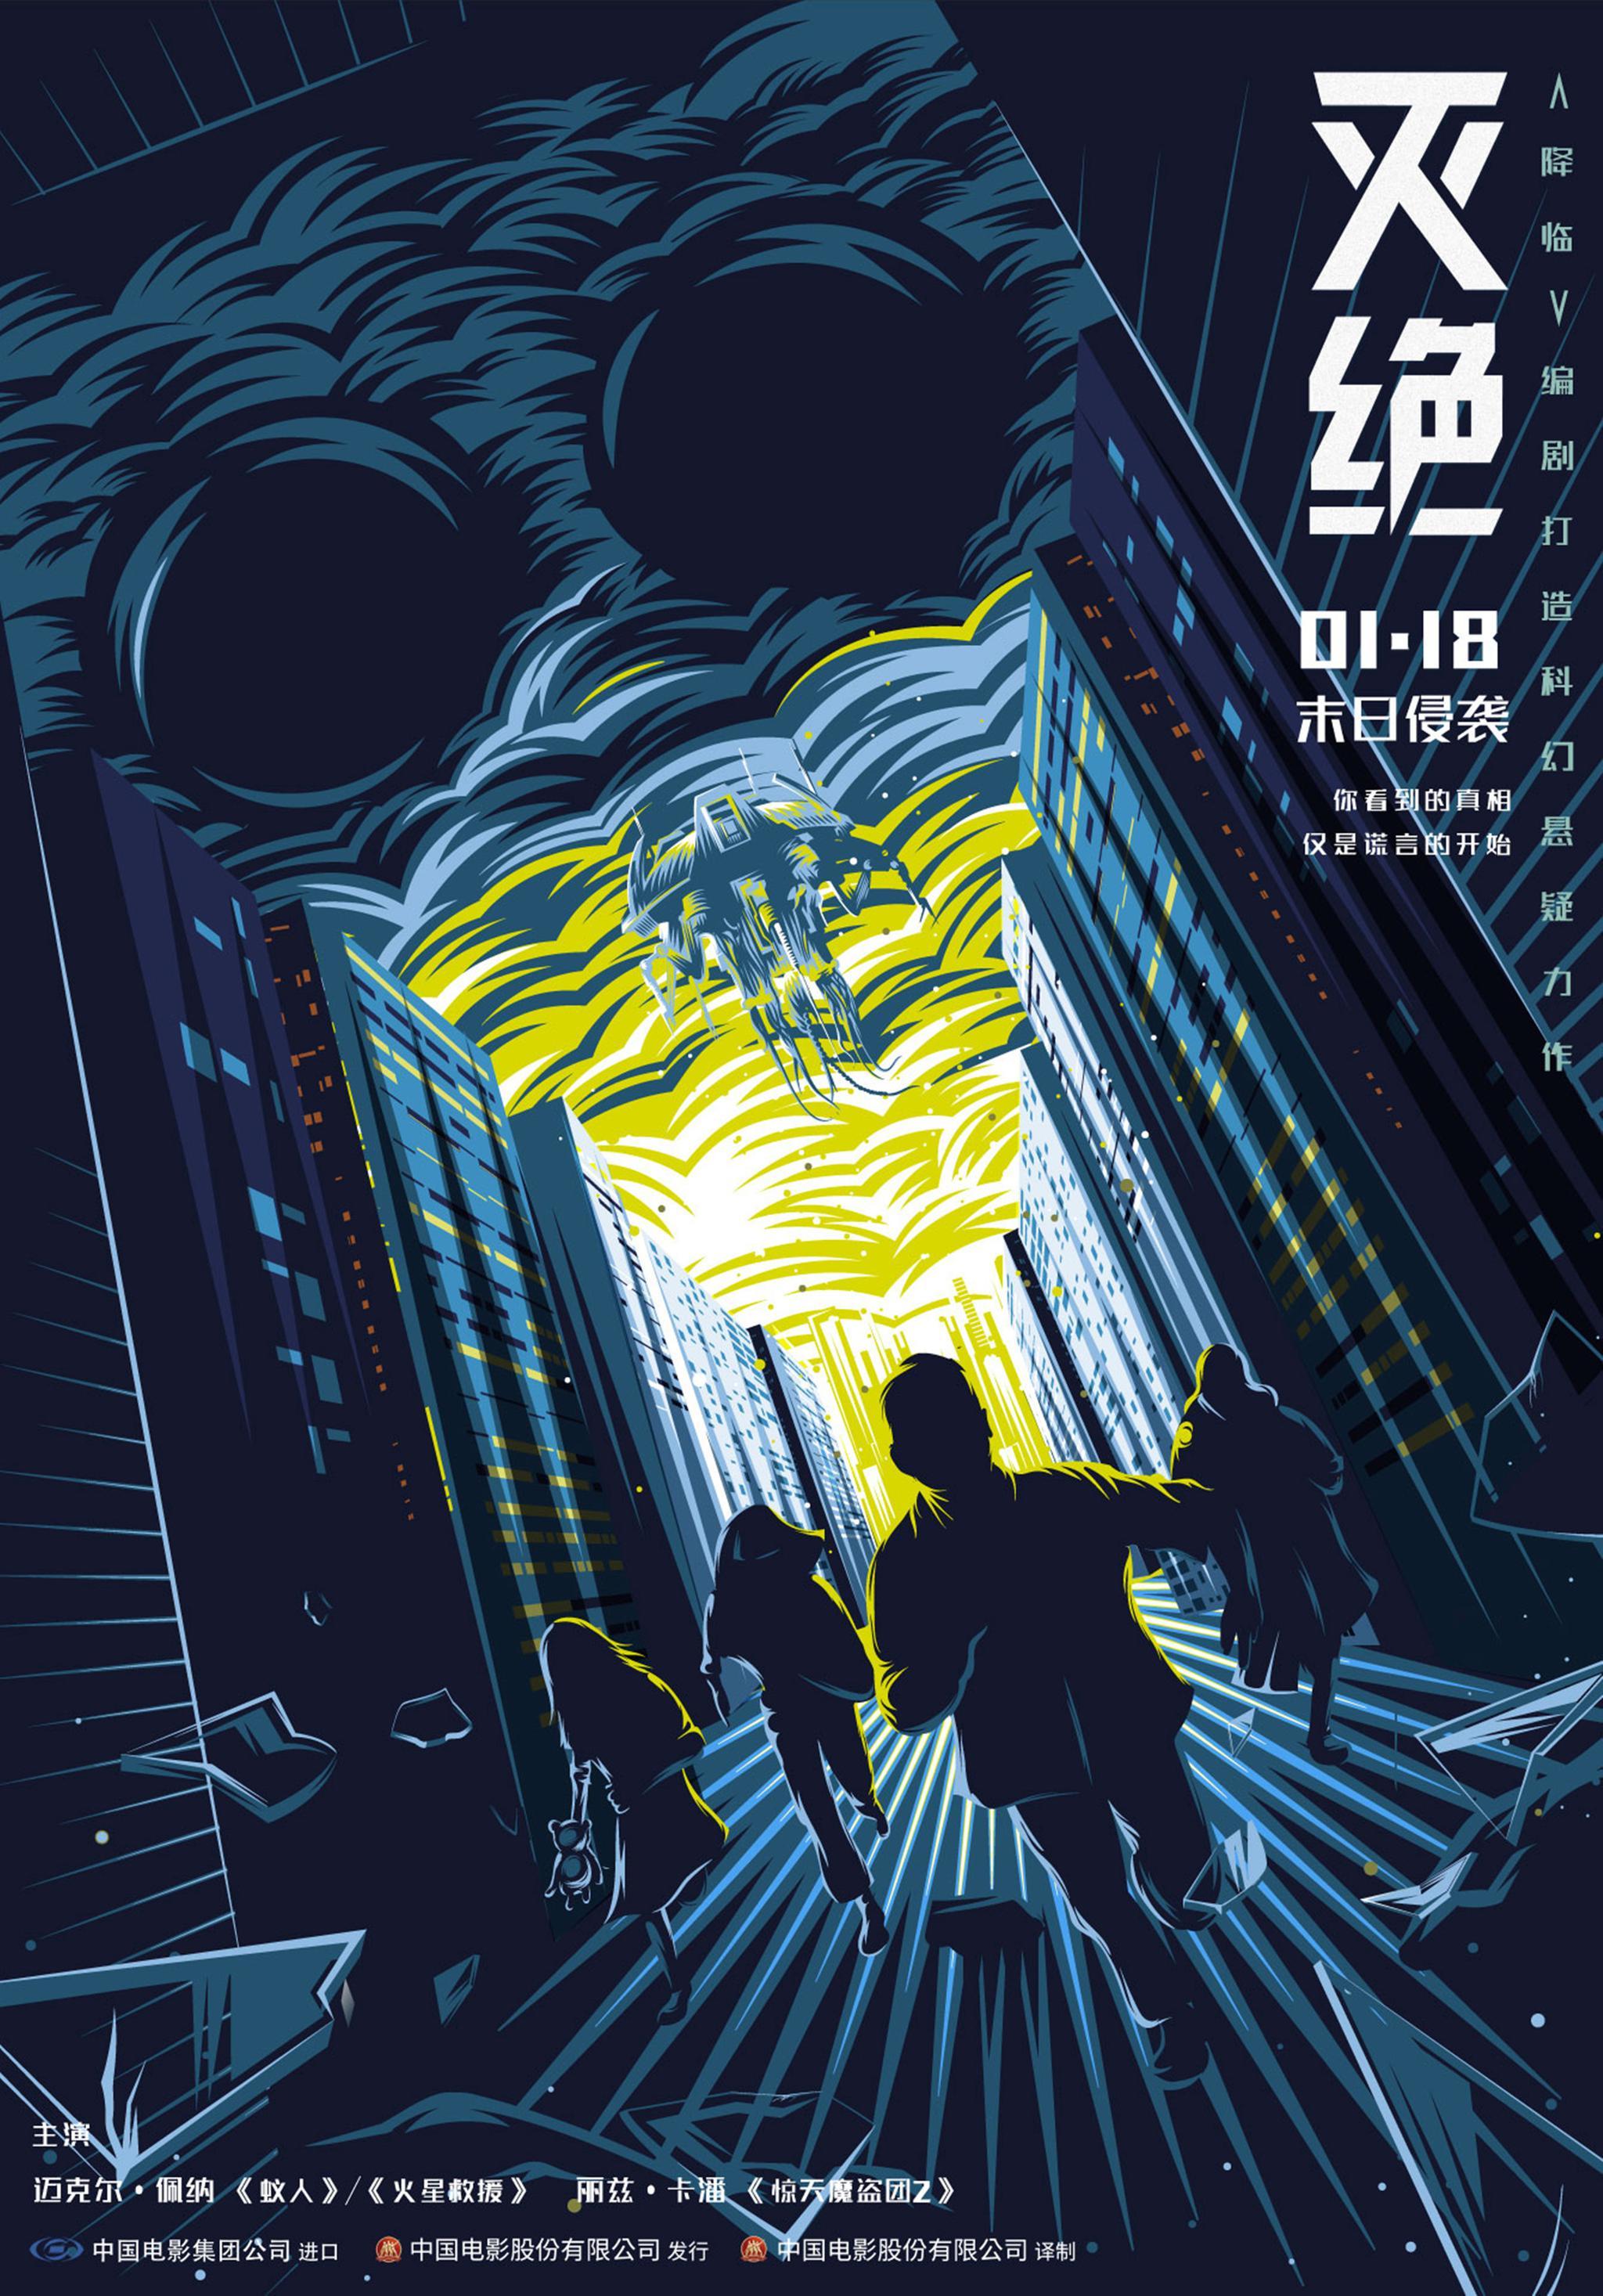 春节前最后一部好莱坞电影,奈飞科幻电影《灭绝》上映图片